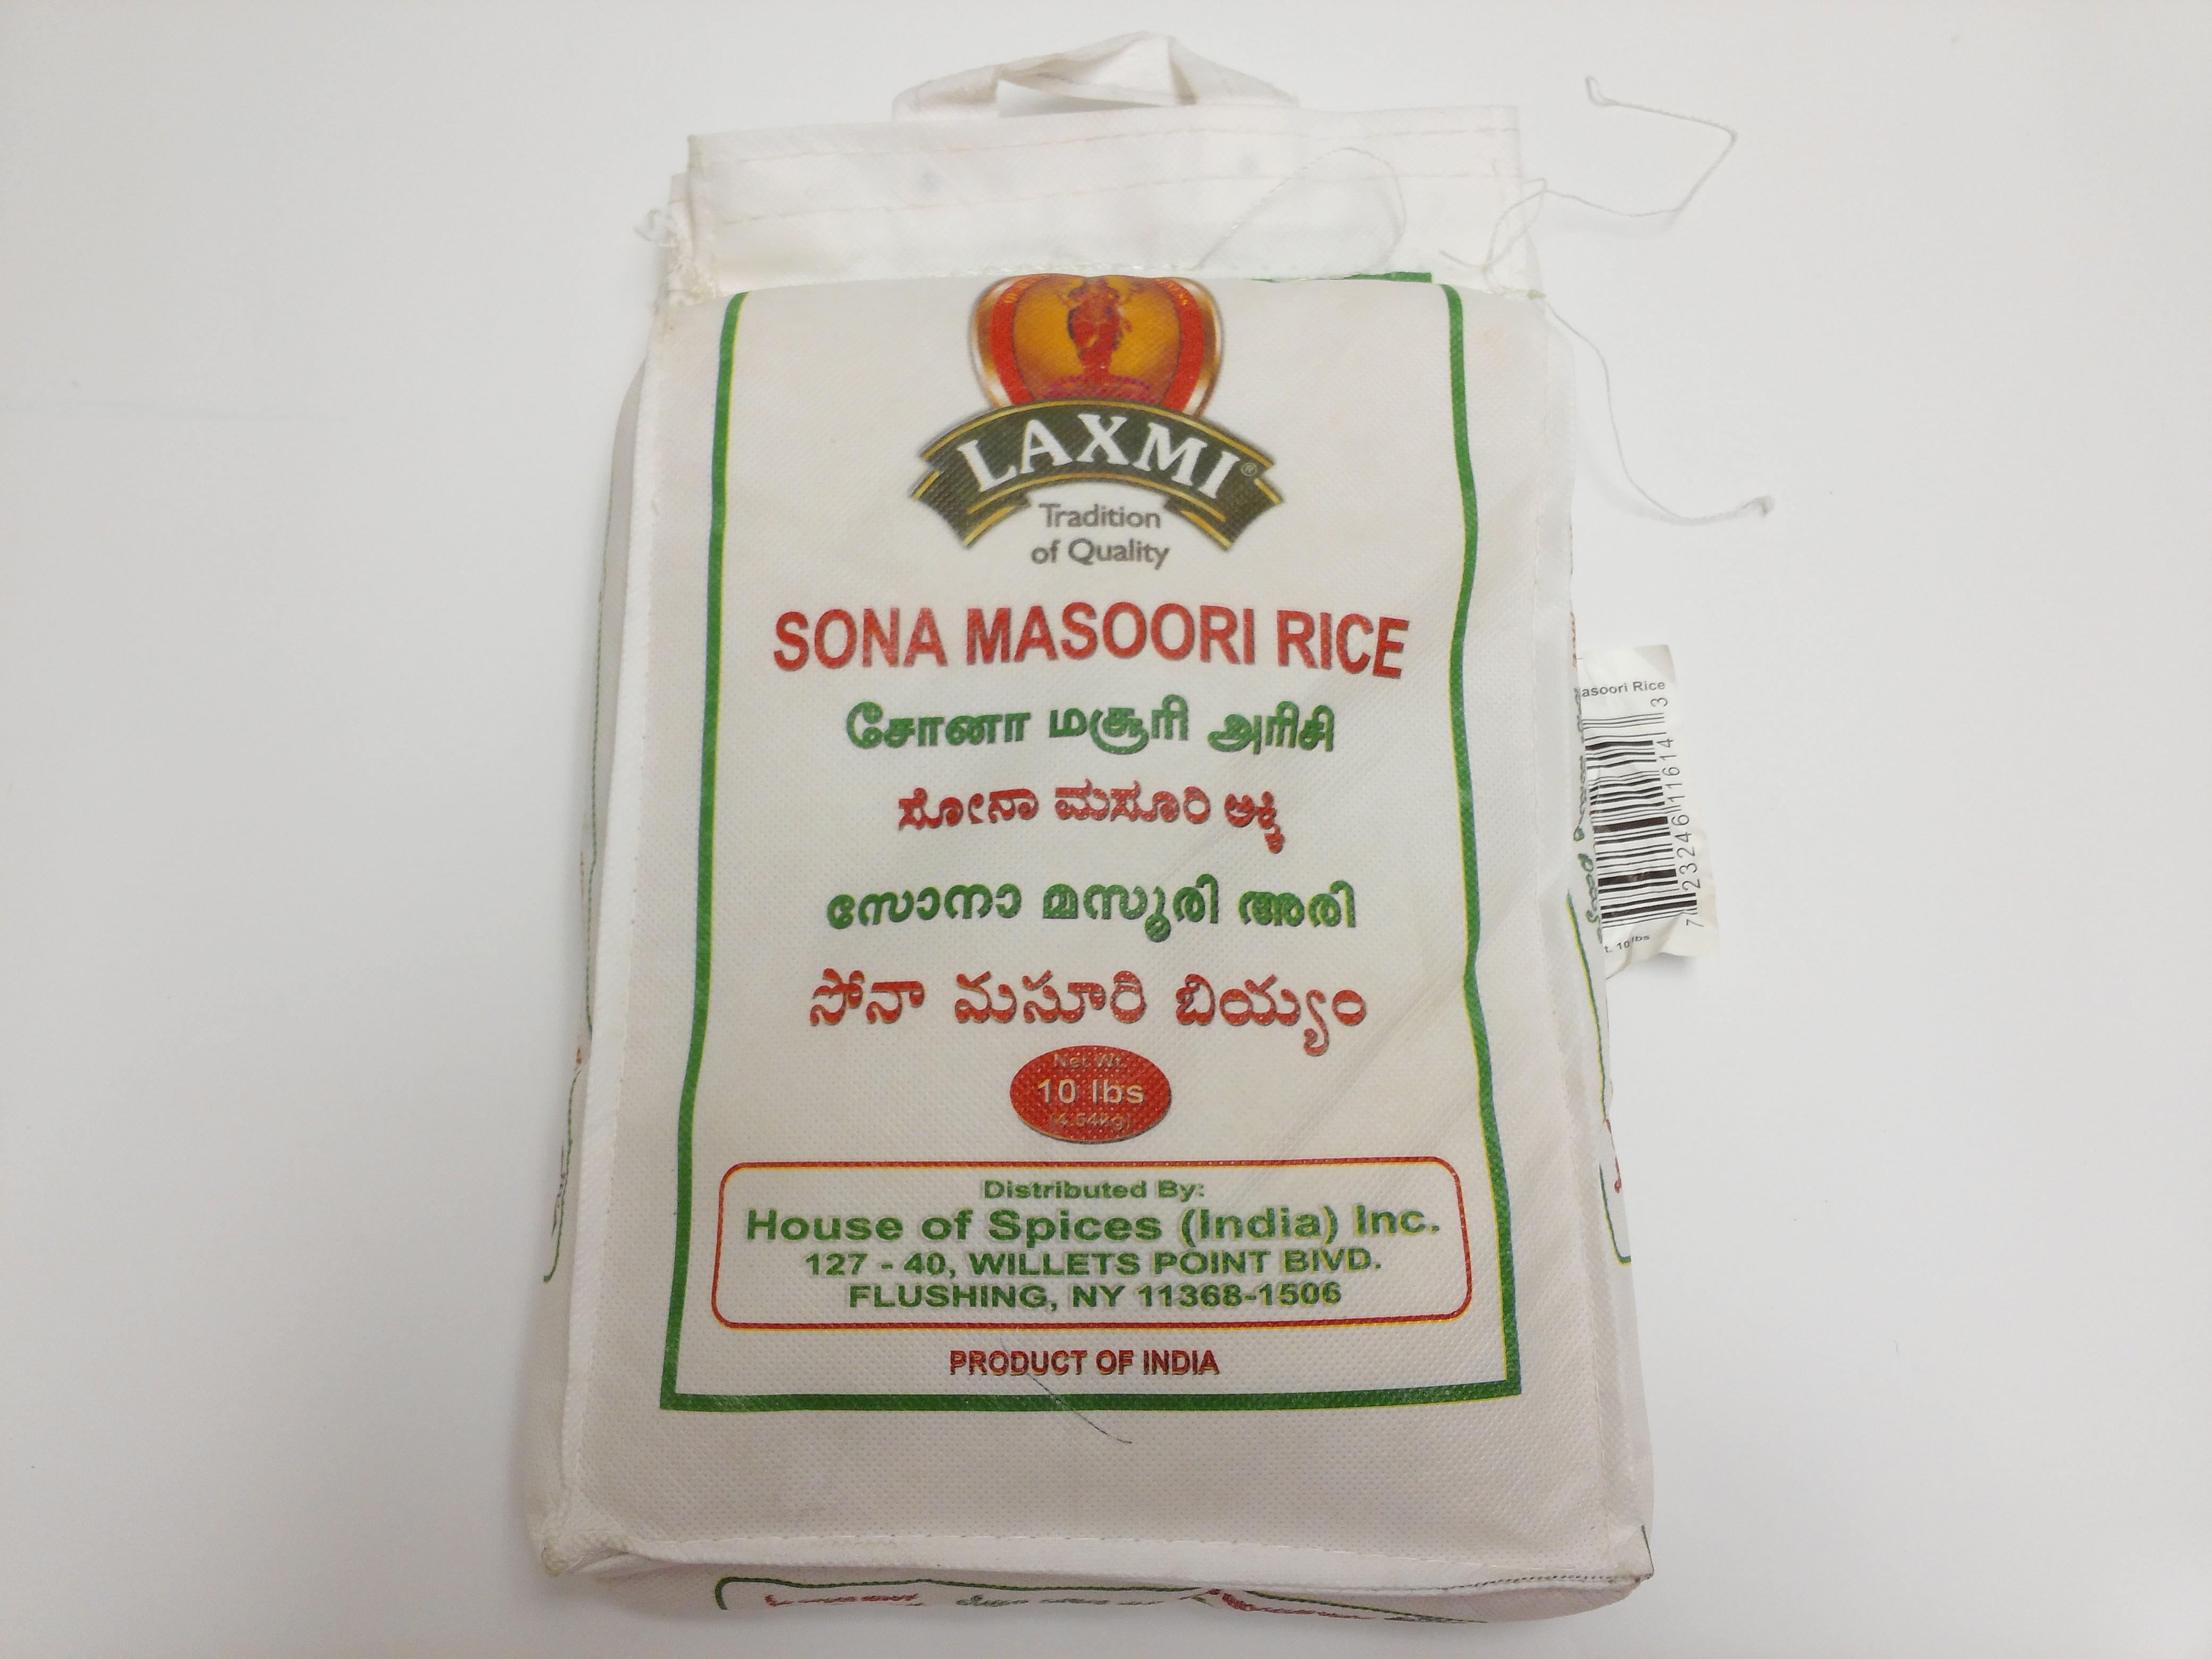 Sona Mansoori Rice 10lb